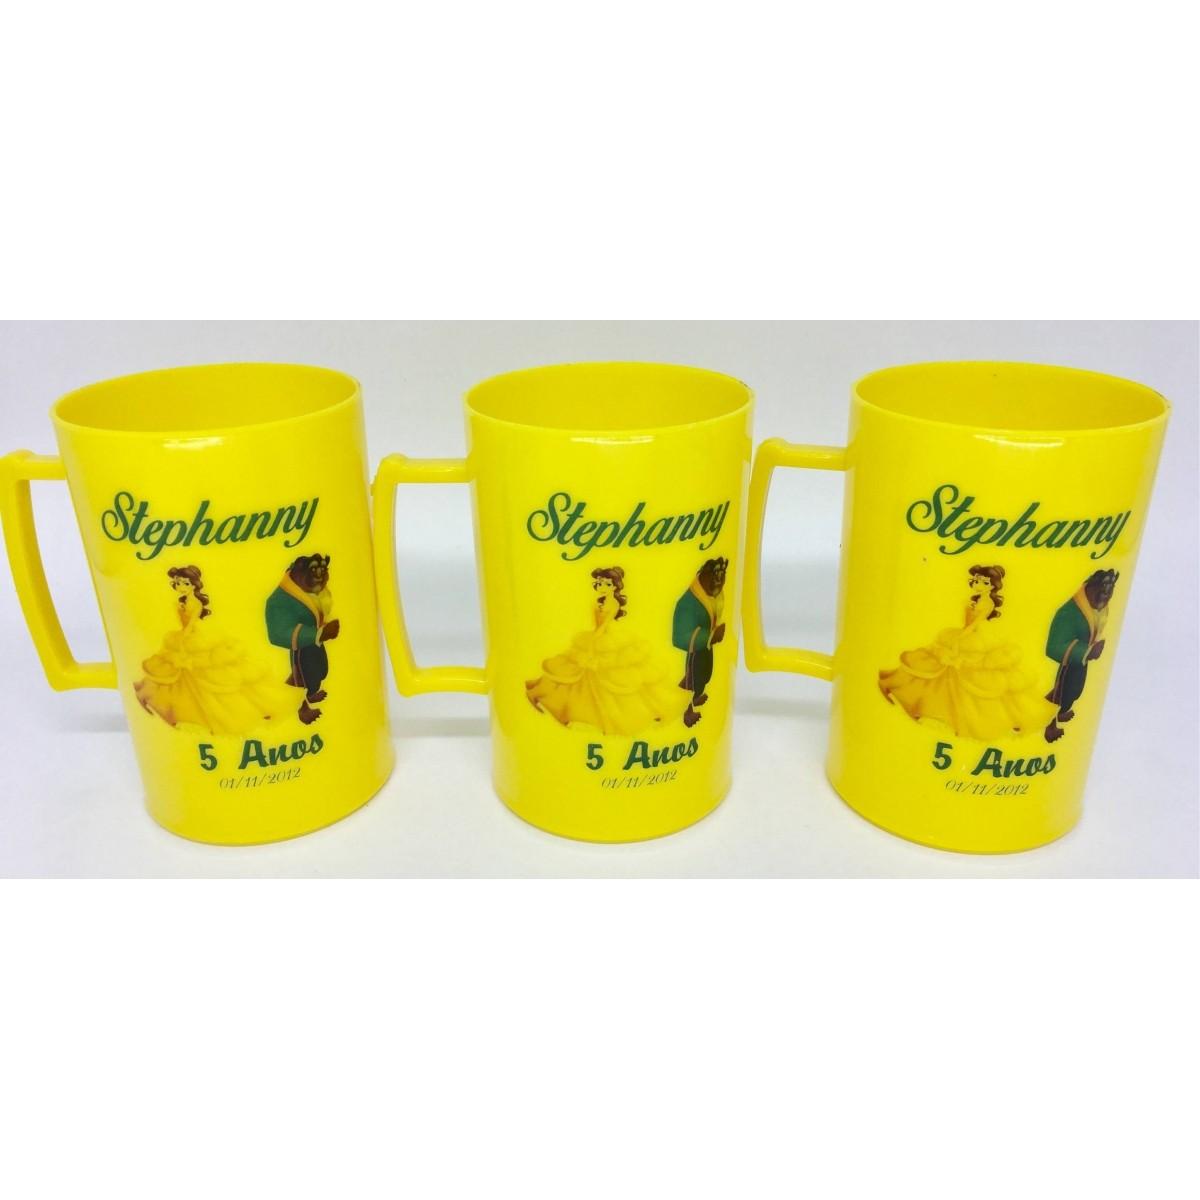 Caneca Acrílica Colorida Personalizada Infantil - Kit com 20 unidades  - Bolas Lassabia - Bolas e Brindes Personalizados